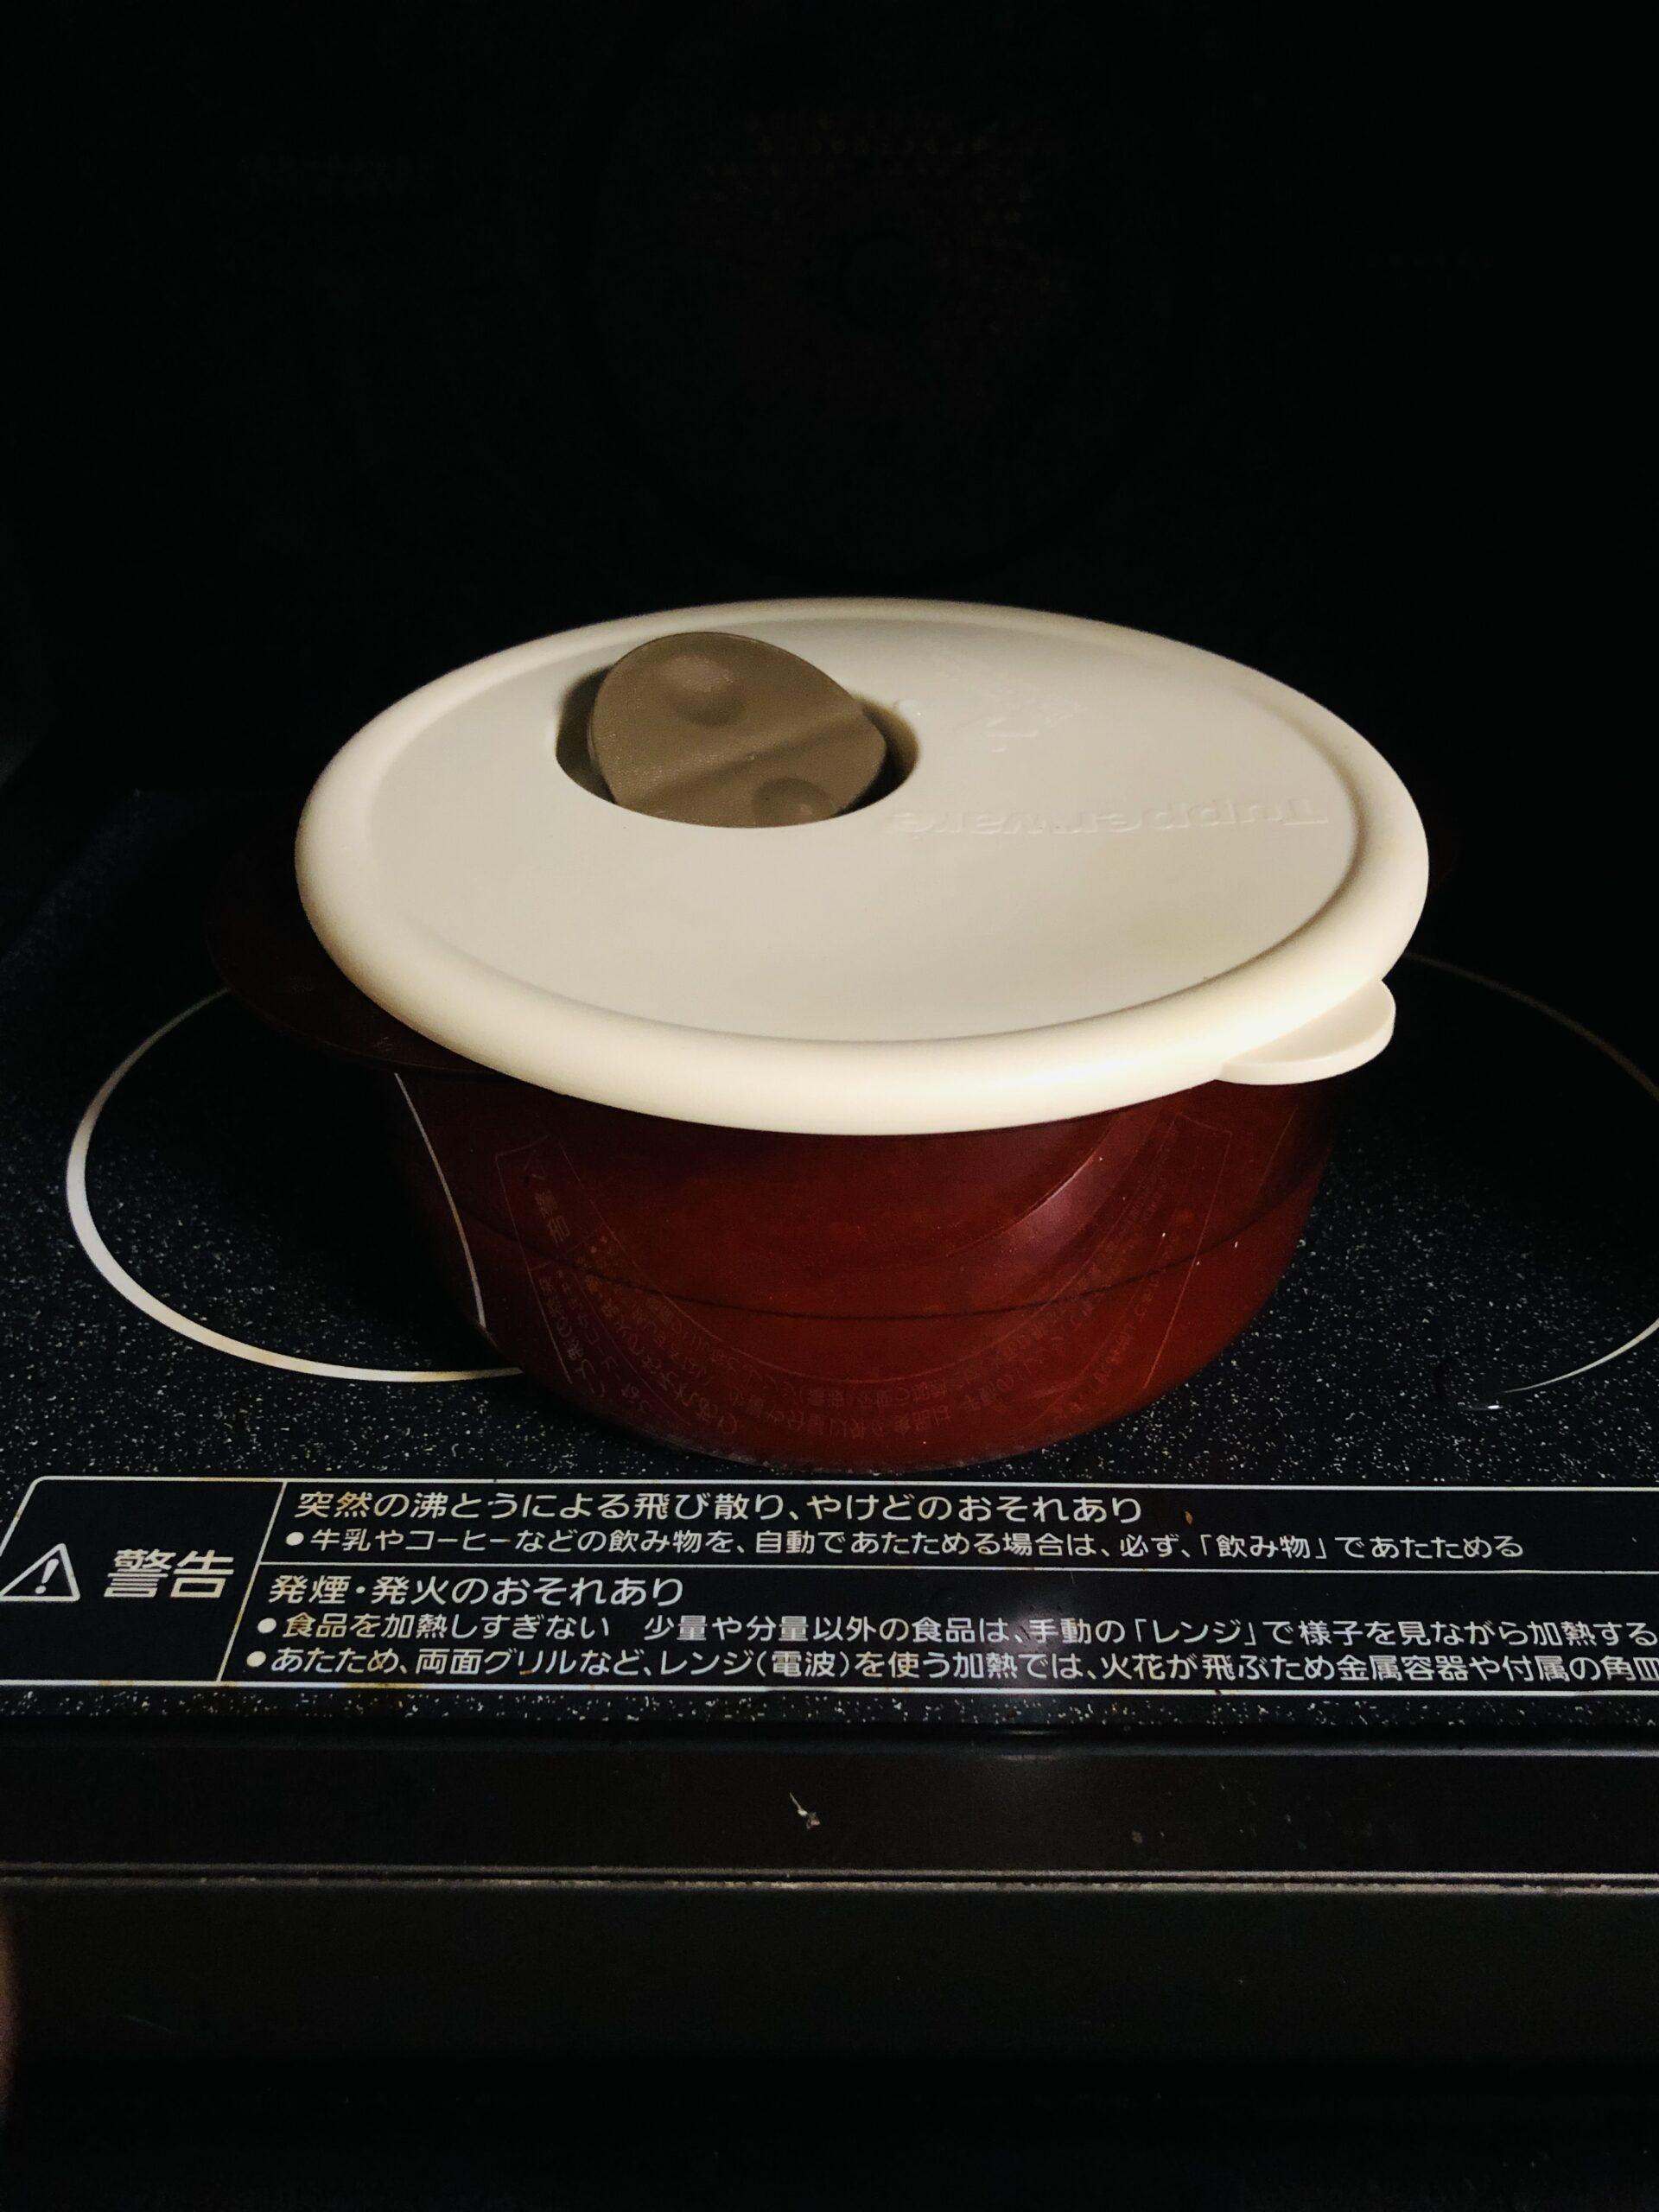 耐熱容器をレンジに入れた状態の画像です